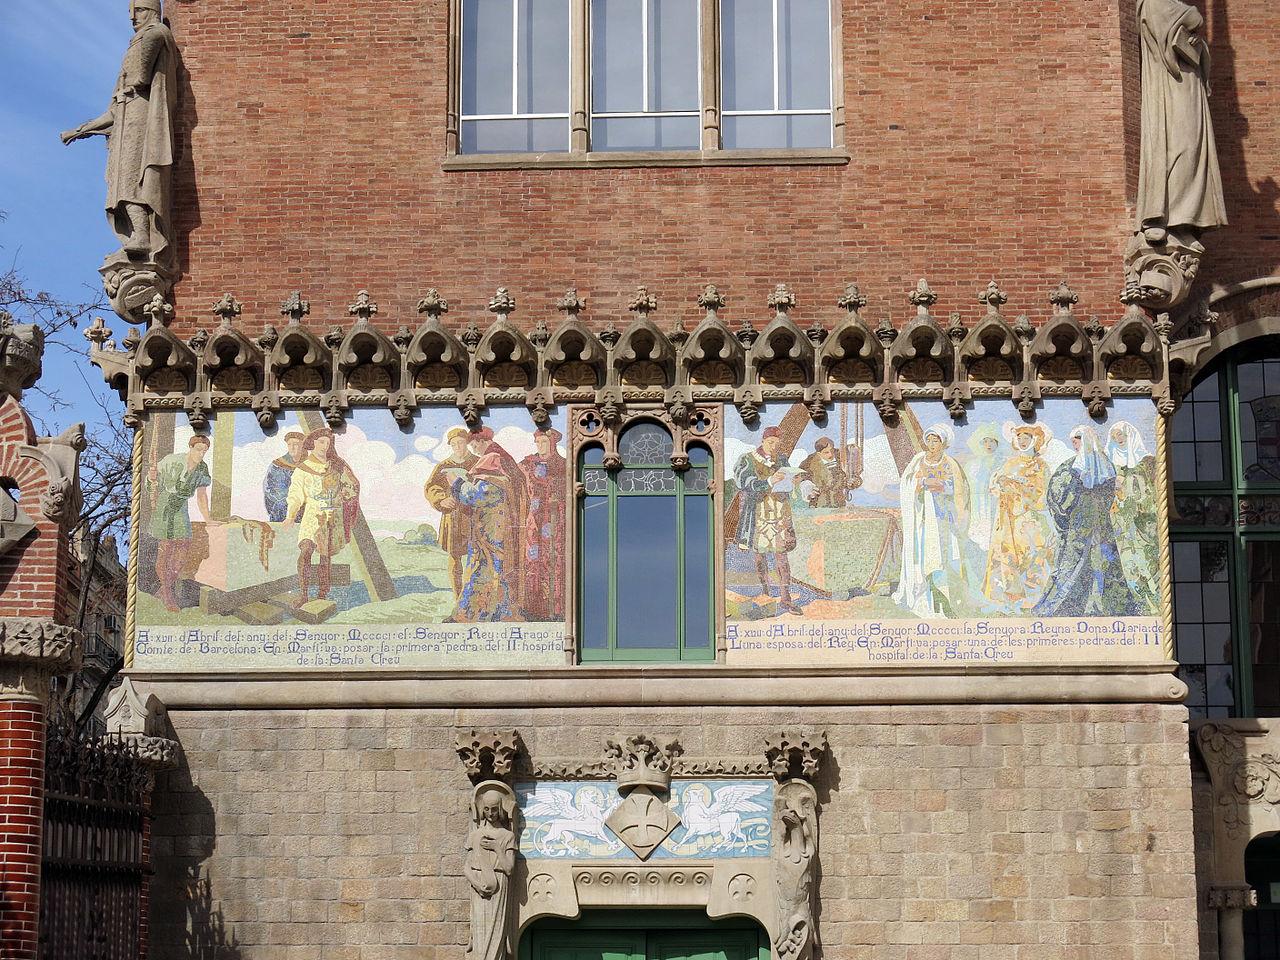 Panells de mosaic modernista de l'Hospital de la Santa Creu i Sant Pau restaurats l'any 2009. Foto: Àbac Conservació-Restauració